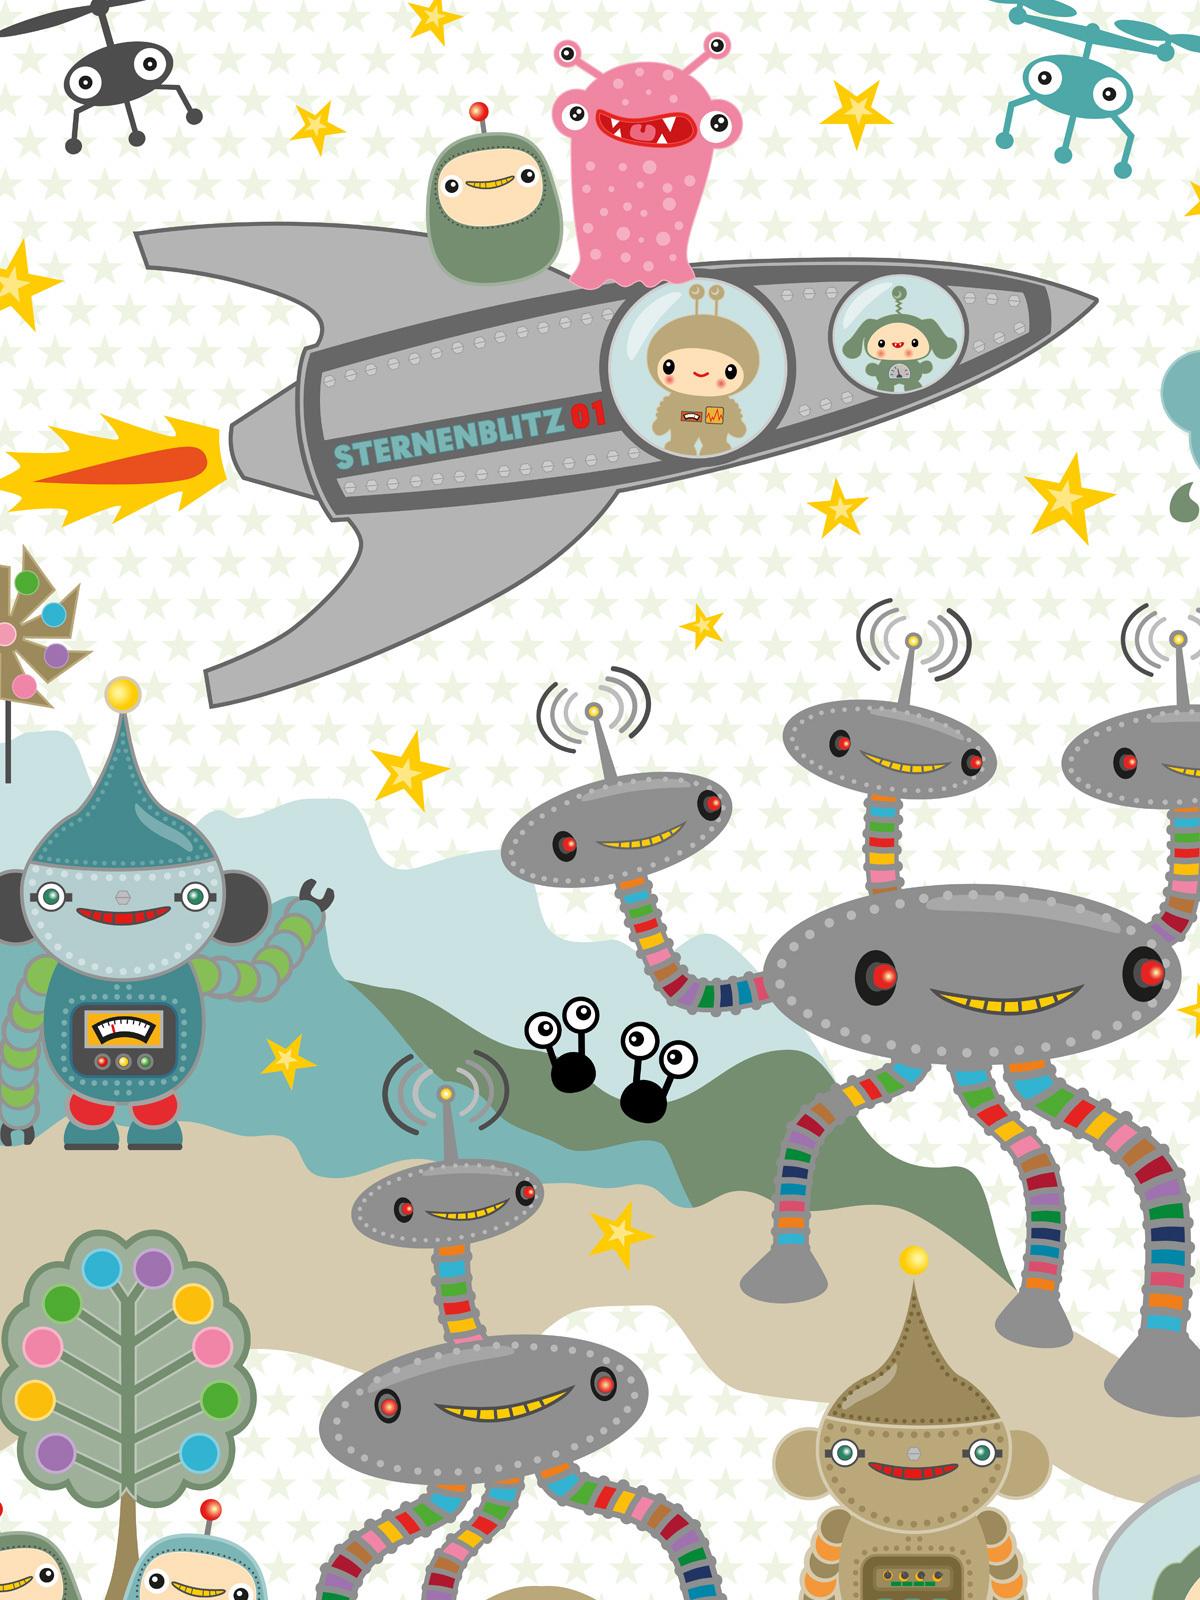 Kinderzimmer Tapete - Sternenblitz auf Planet Noxy